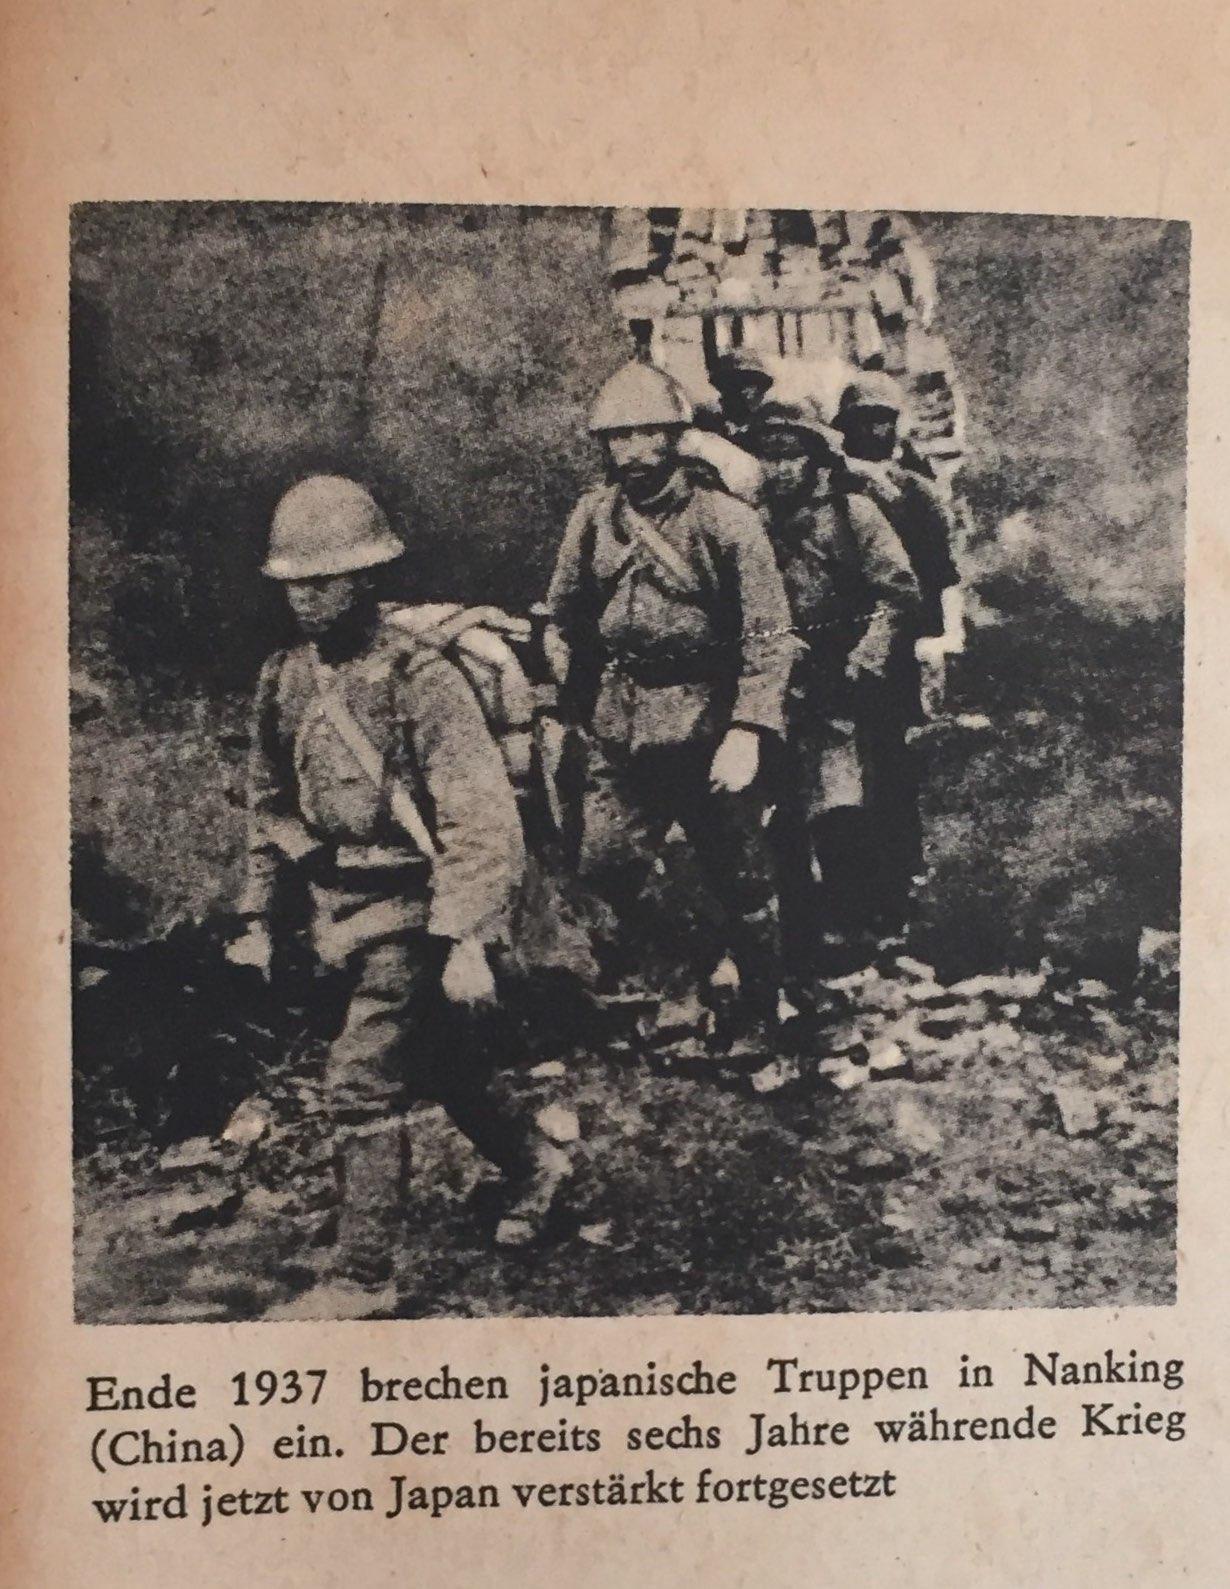 Ende 1937 japanische Truppen brechen in Nanking(China)ein